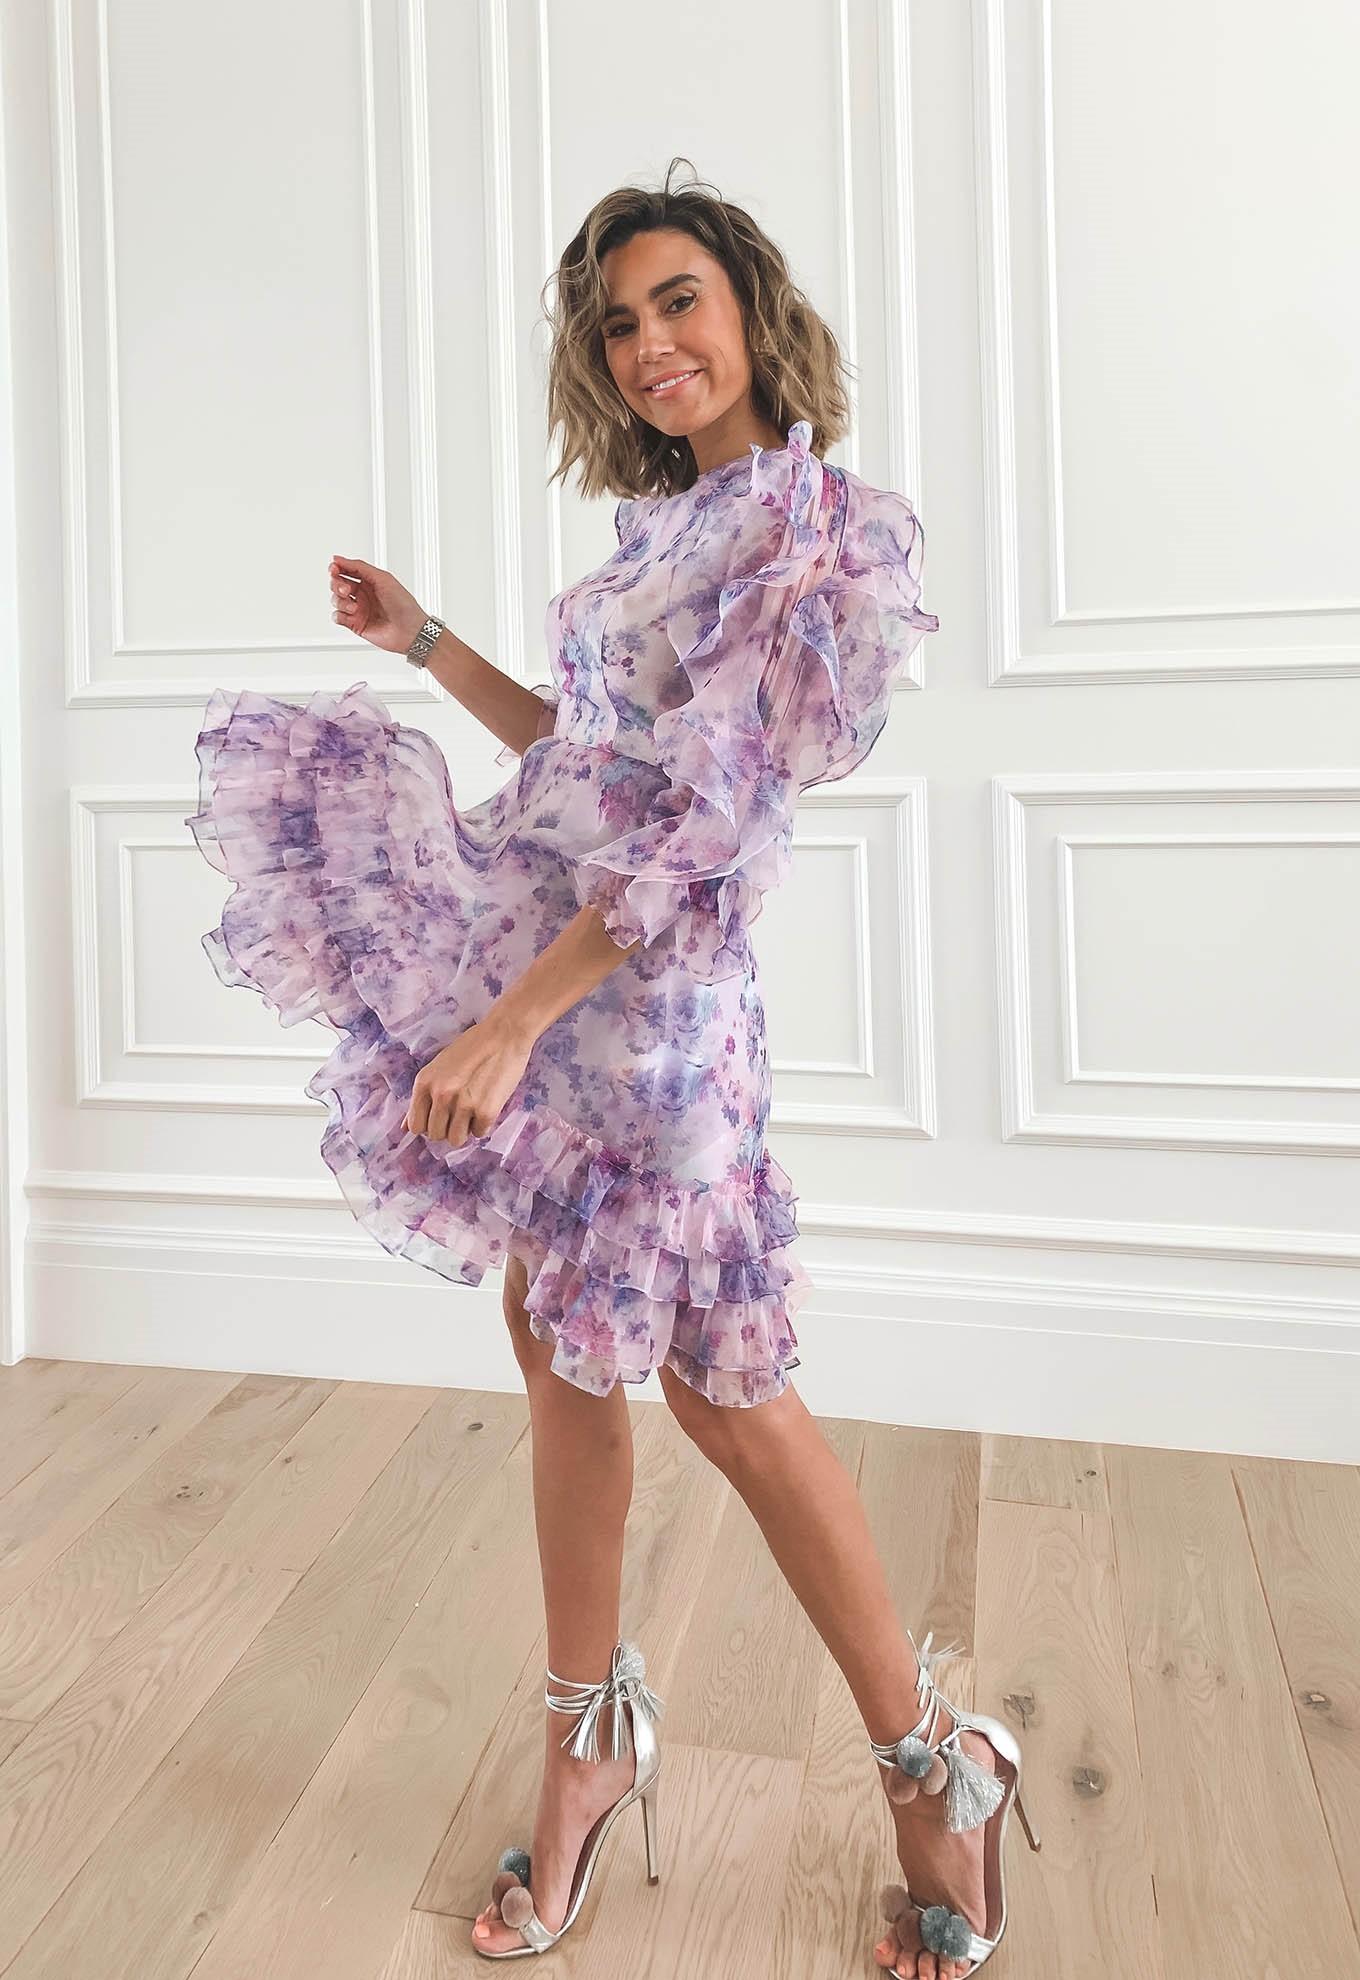 Associez votre robe lilas à des sandales métalliques pour créer une harmonie élégante.